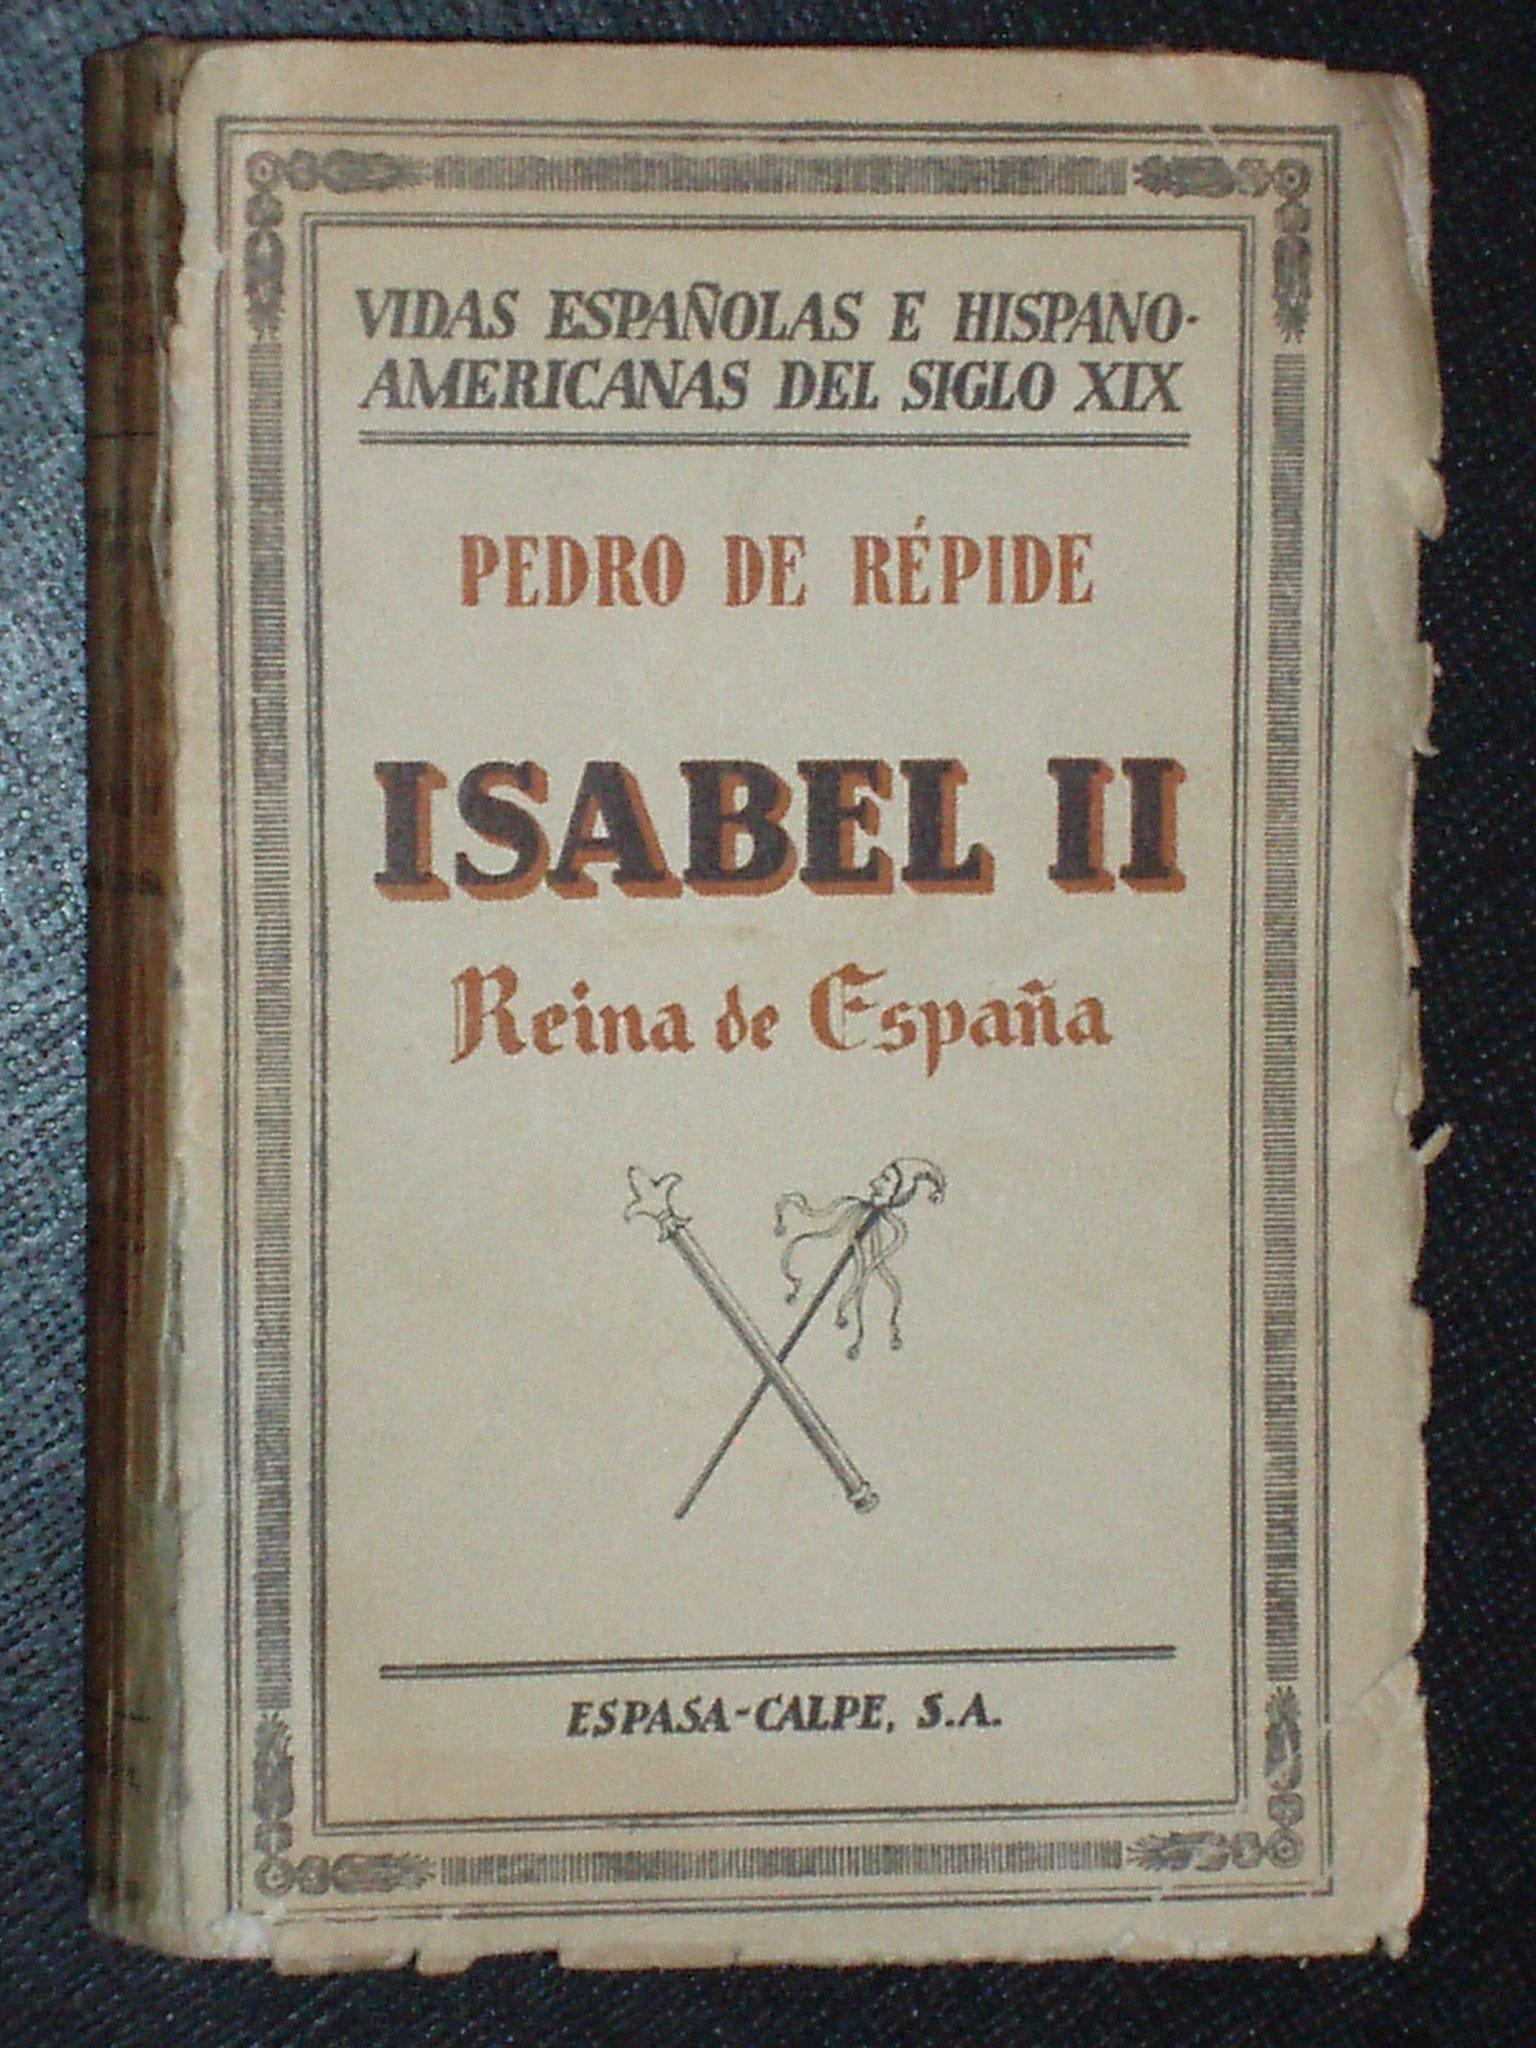 ISABEL II REINA DE ESPAÑA: Amazon.es: Pedro de Répide: Libros